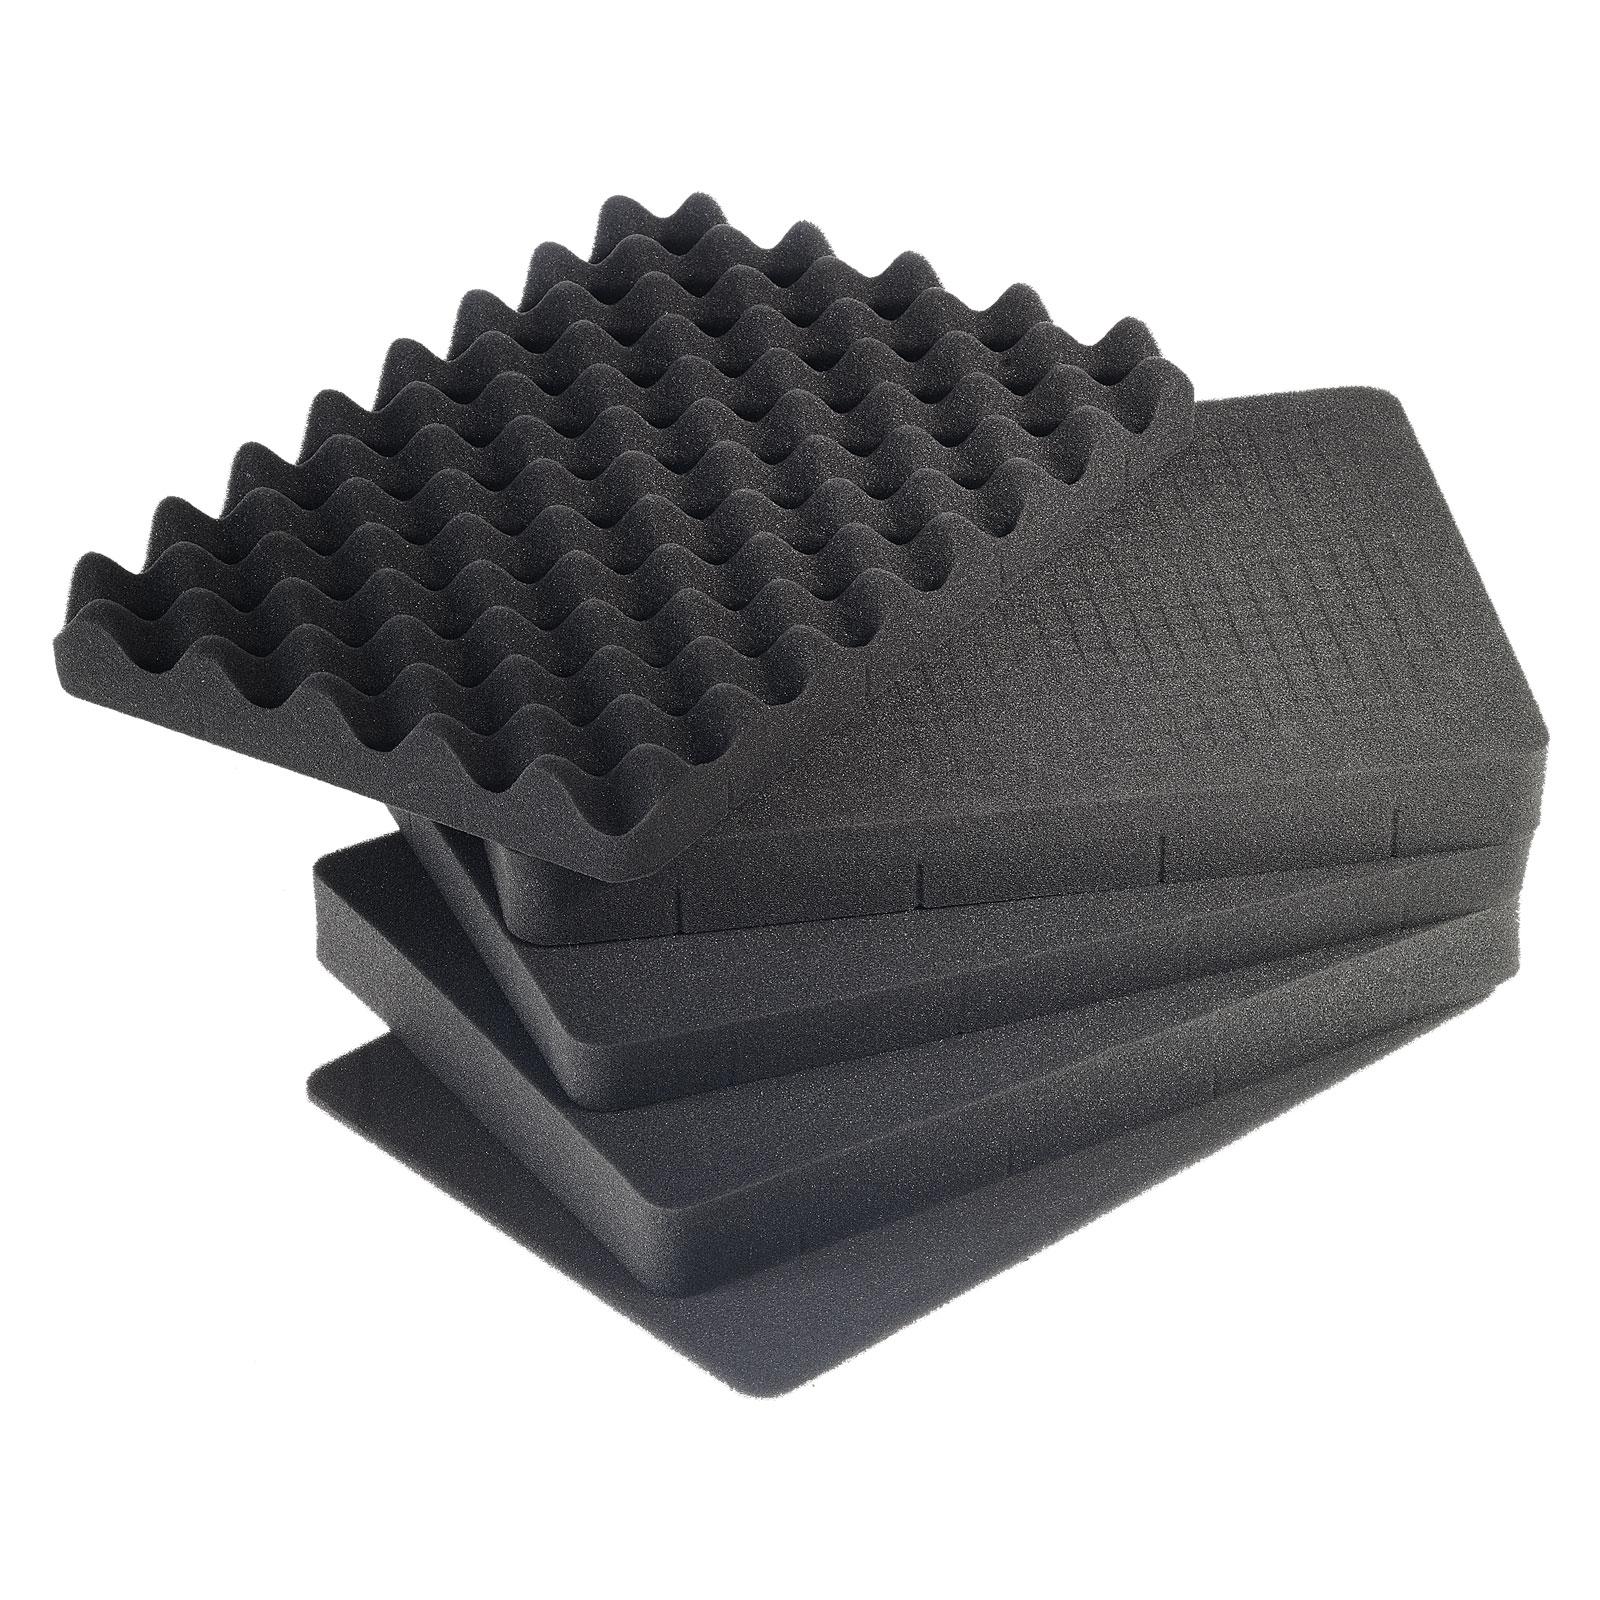 b w schaumstoffeinsatz si f r outdoor cases g nstig kaufen. Black Bedroom Furniture Sets. Home Design Ideas